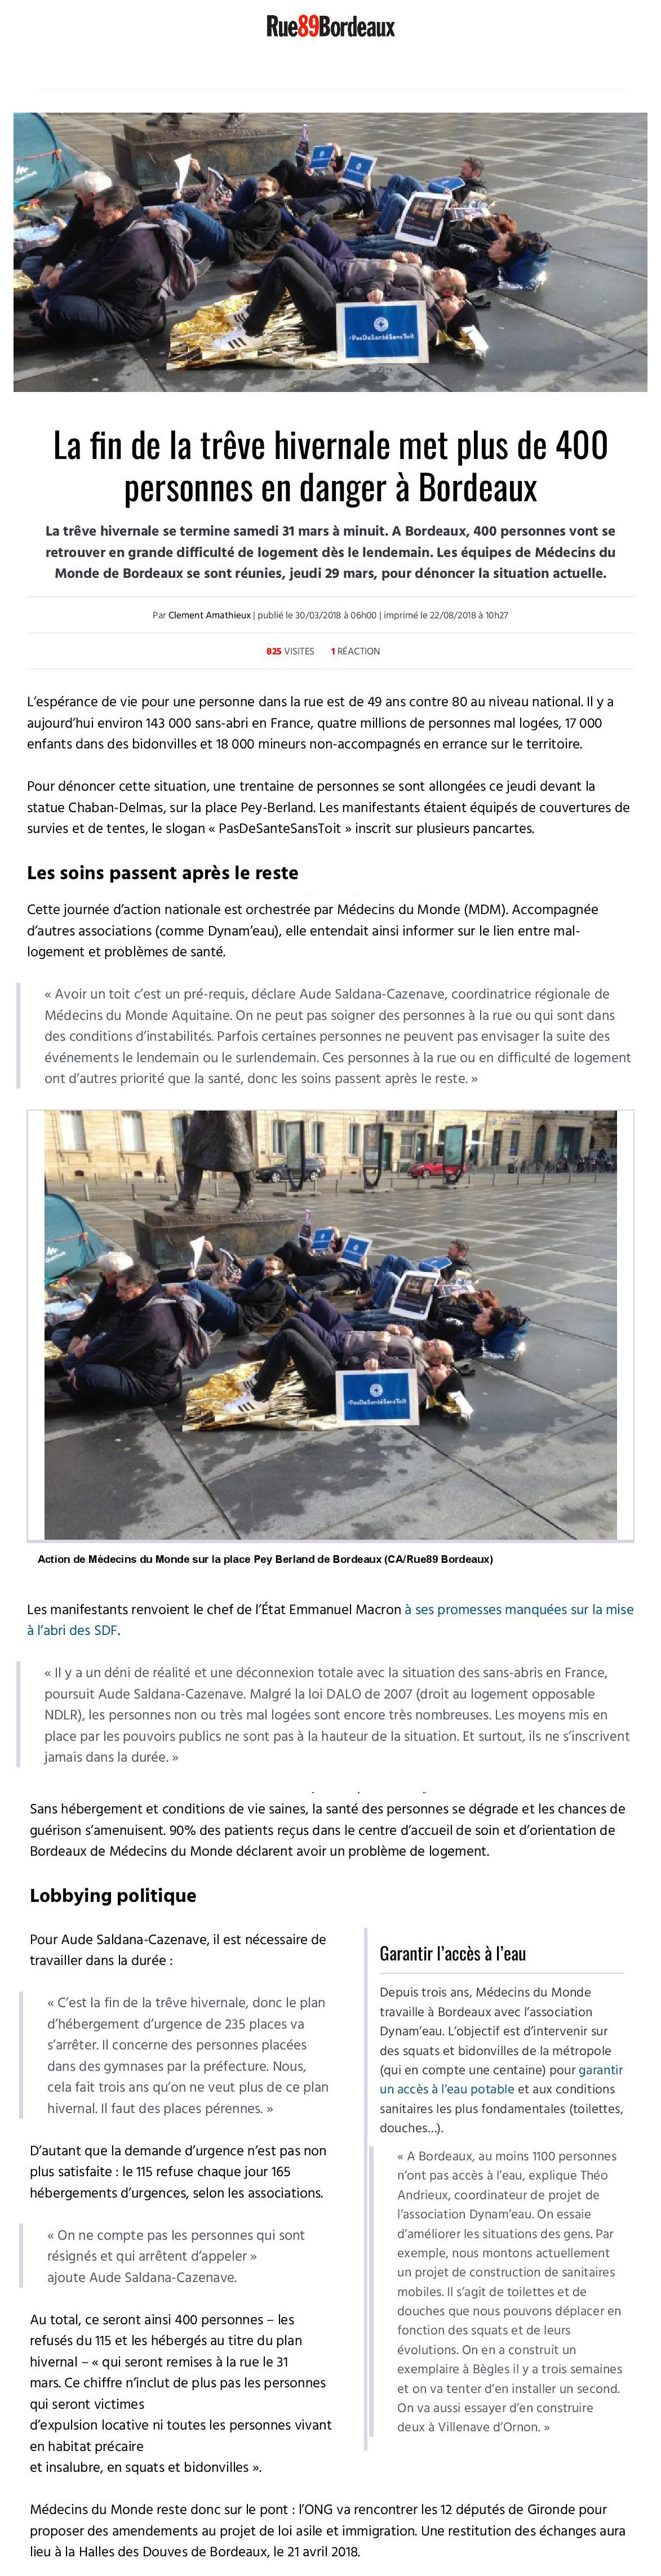 Article trêve hivernale bordeaux rue89 association dynam'eau